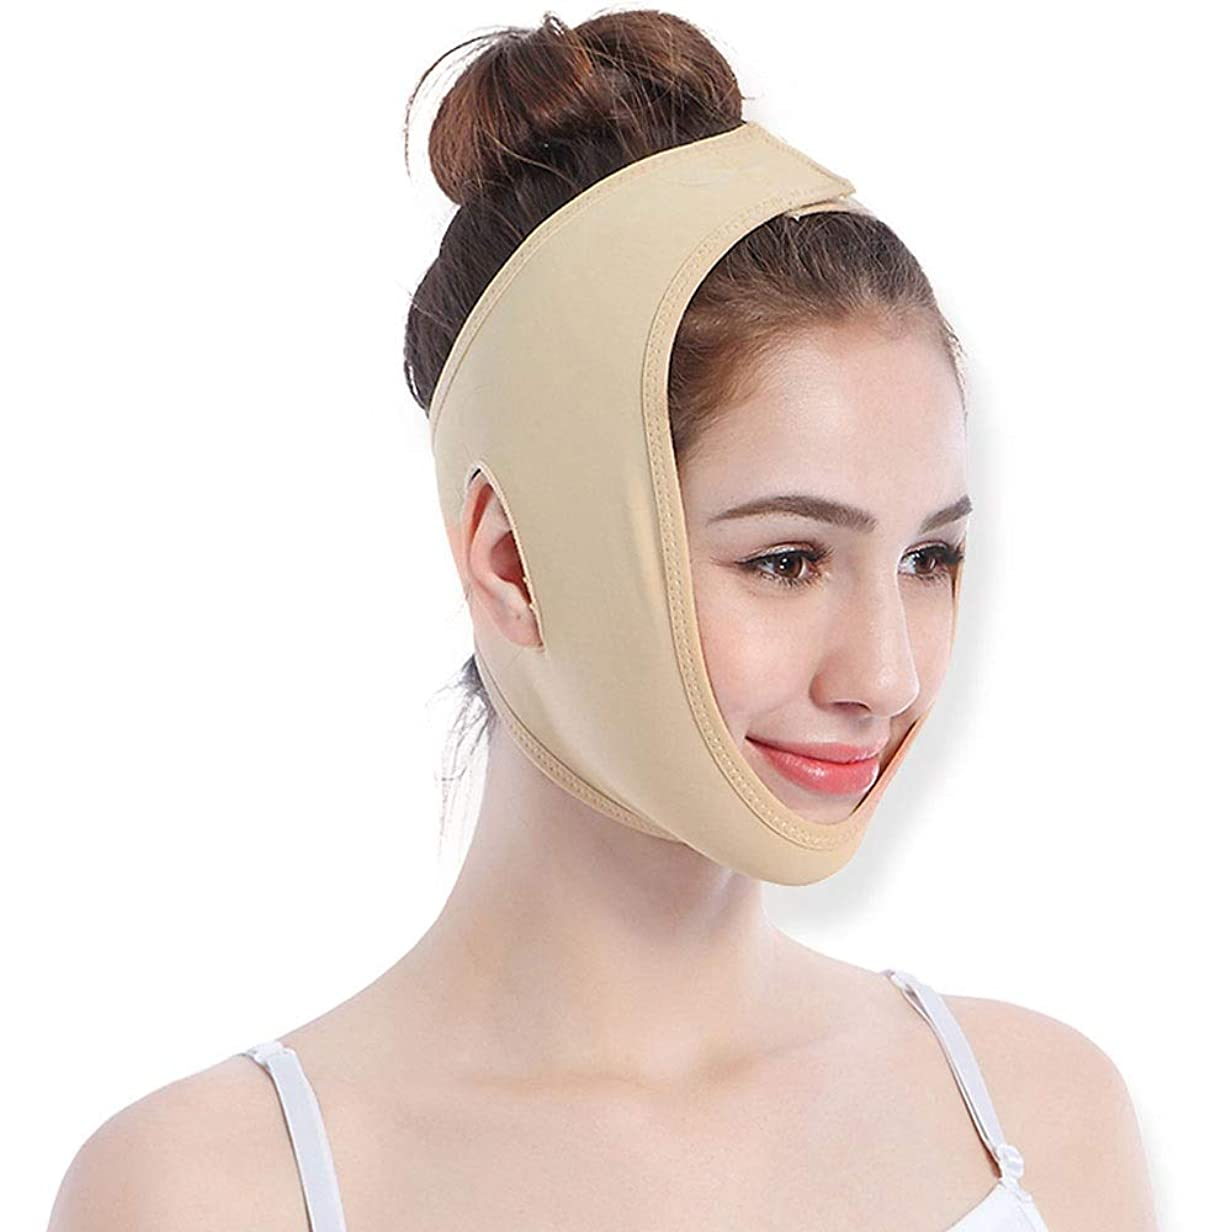 アヒル野ウサギ専らGYZ フェイスリフティングアーティファクトシンフェイスリフティングファーミングリフティングファーミング美容機器を送信するフェイシャルマッサージVフェイスマスクステッカー - スキンカラー4サイズオプション Thin Face Belt (Size : S)